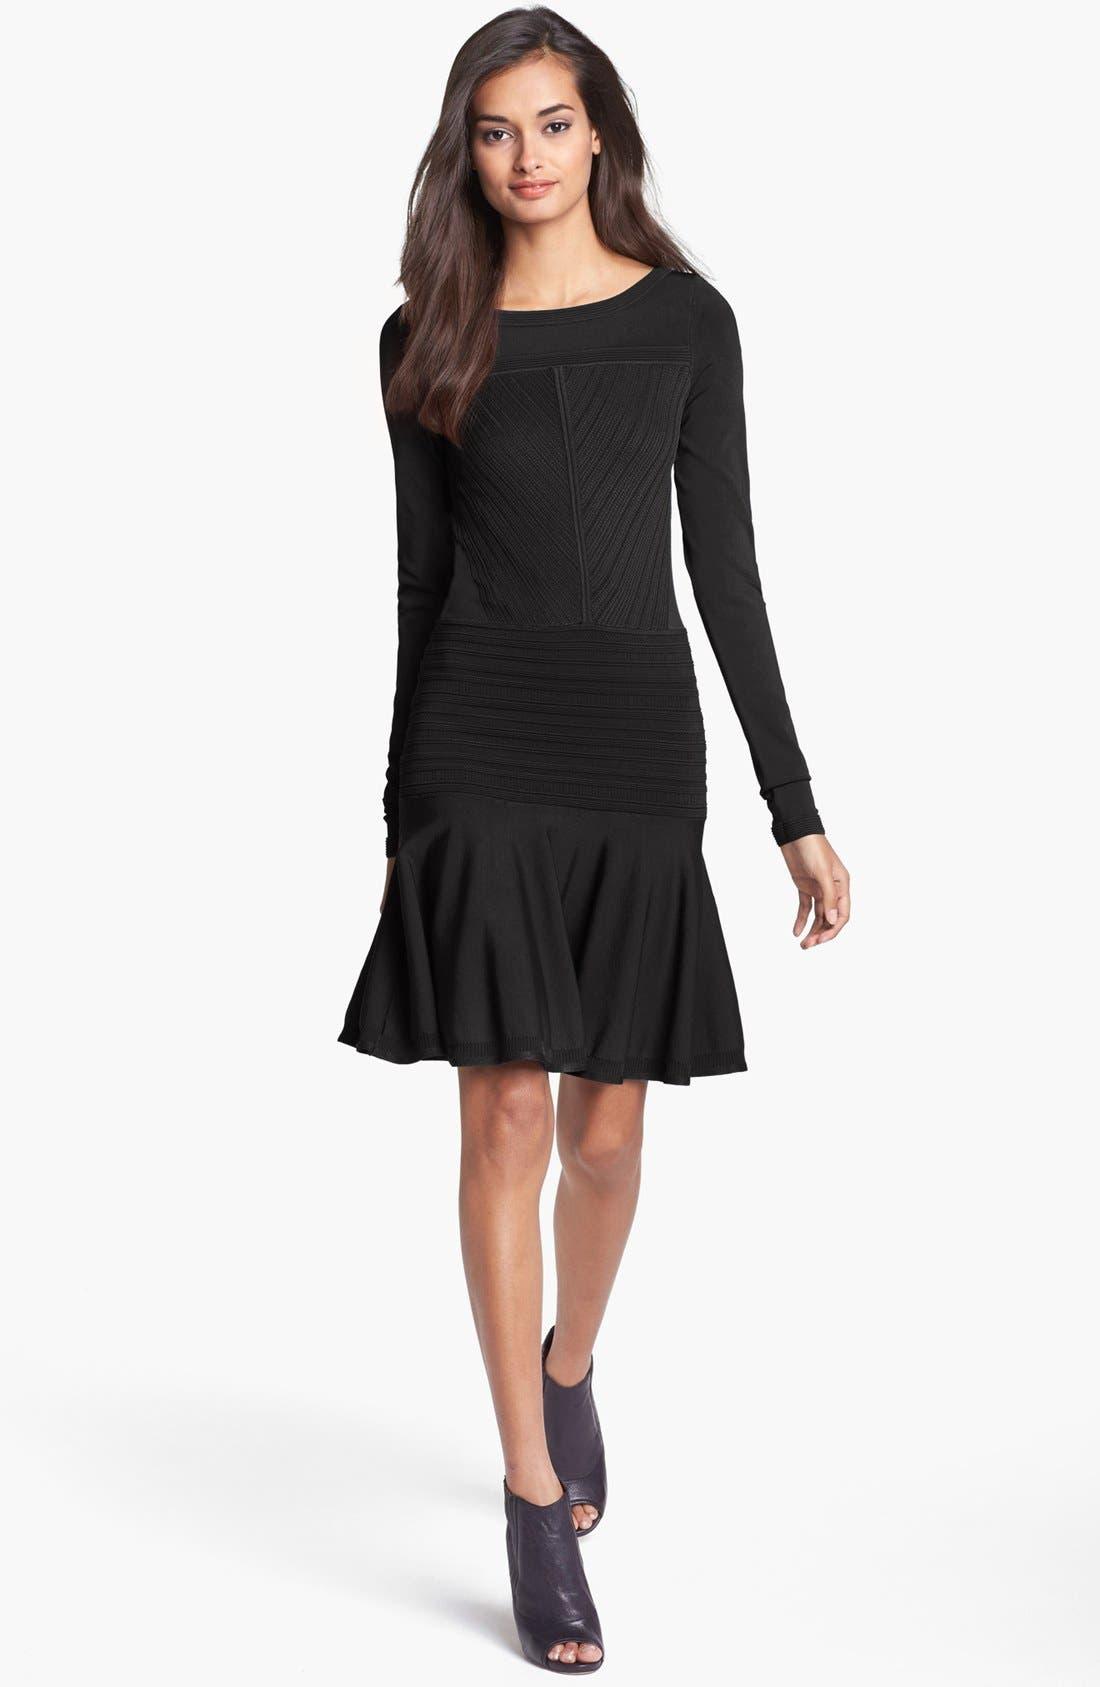 Alternate Image 1 Selected - Diane von Furstenberg 'Delta' Knit A-Line Dress